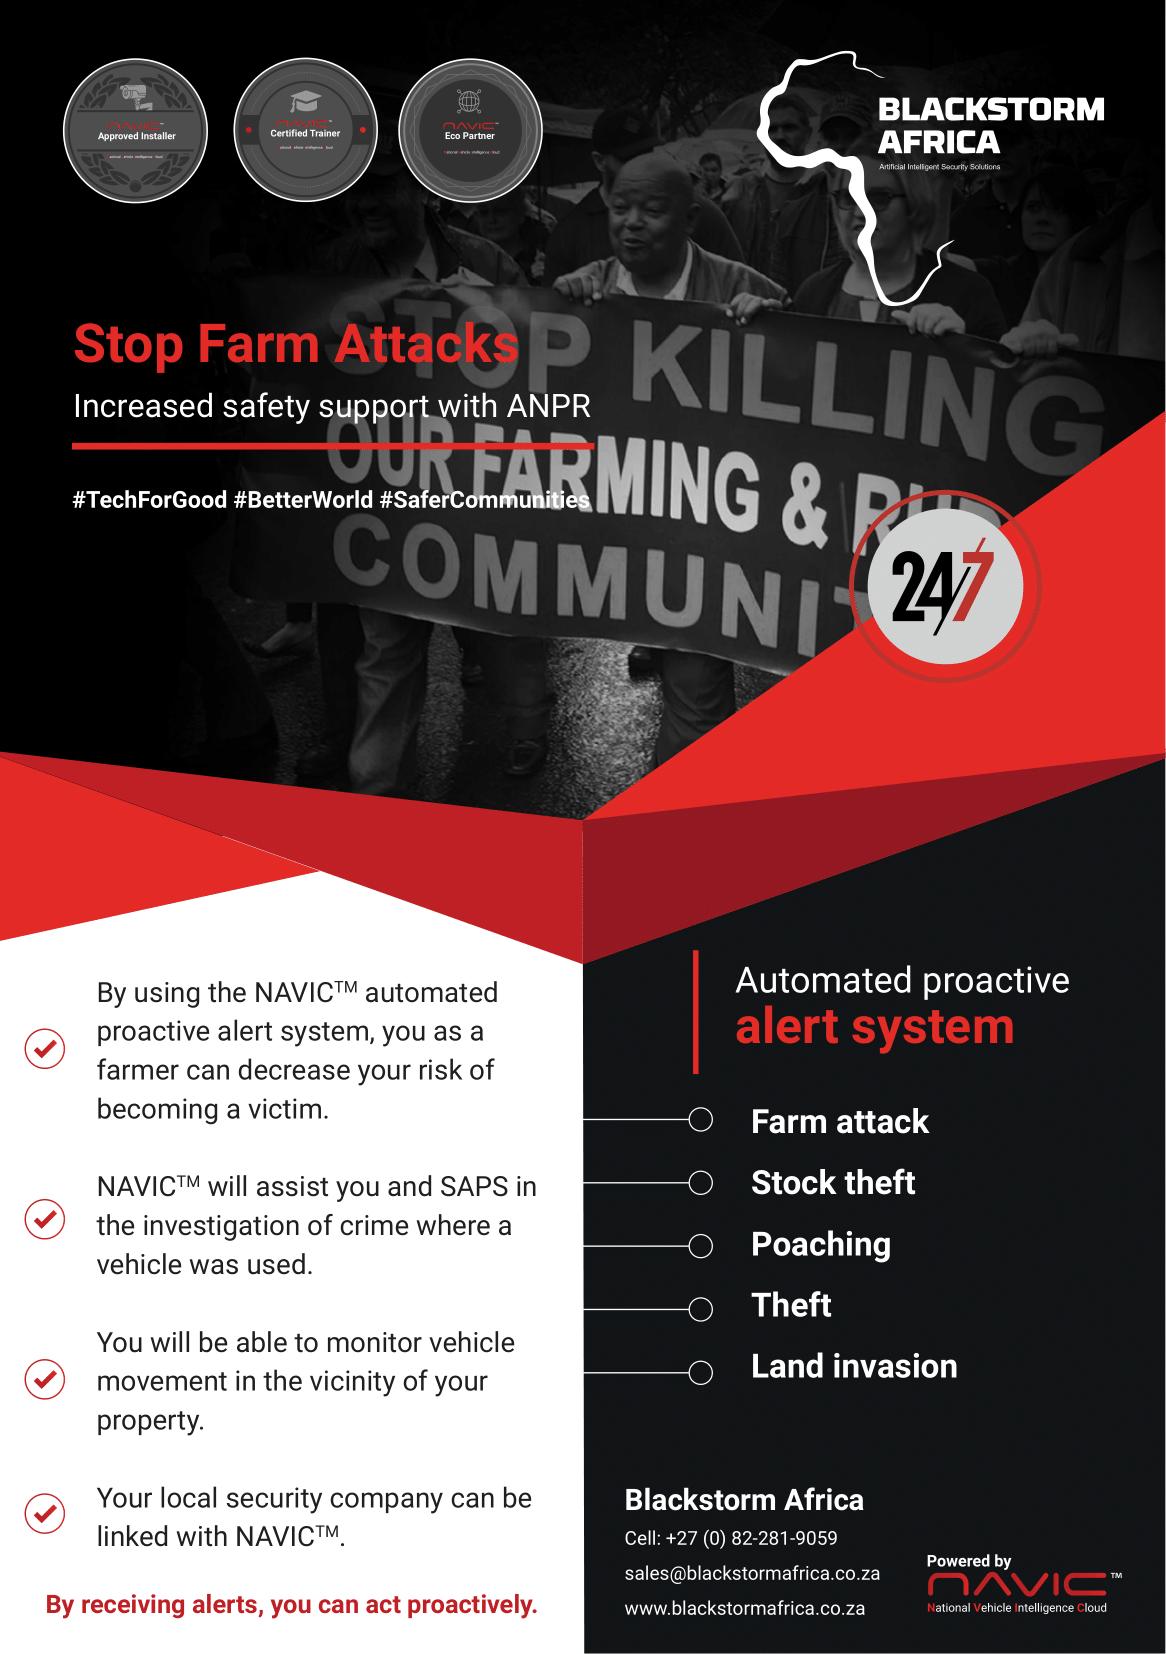 Blackstorm - stop farm attacks-1